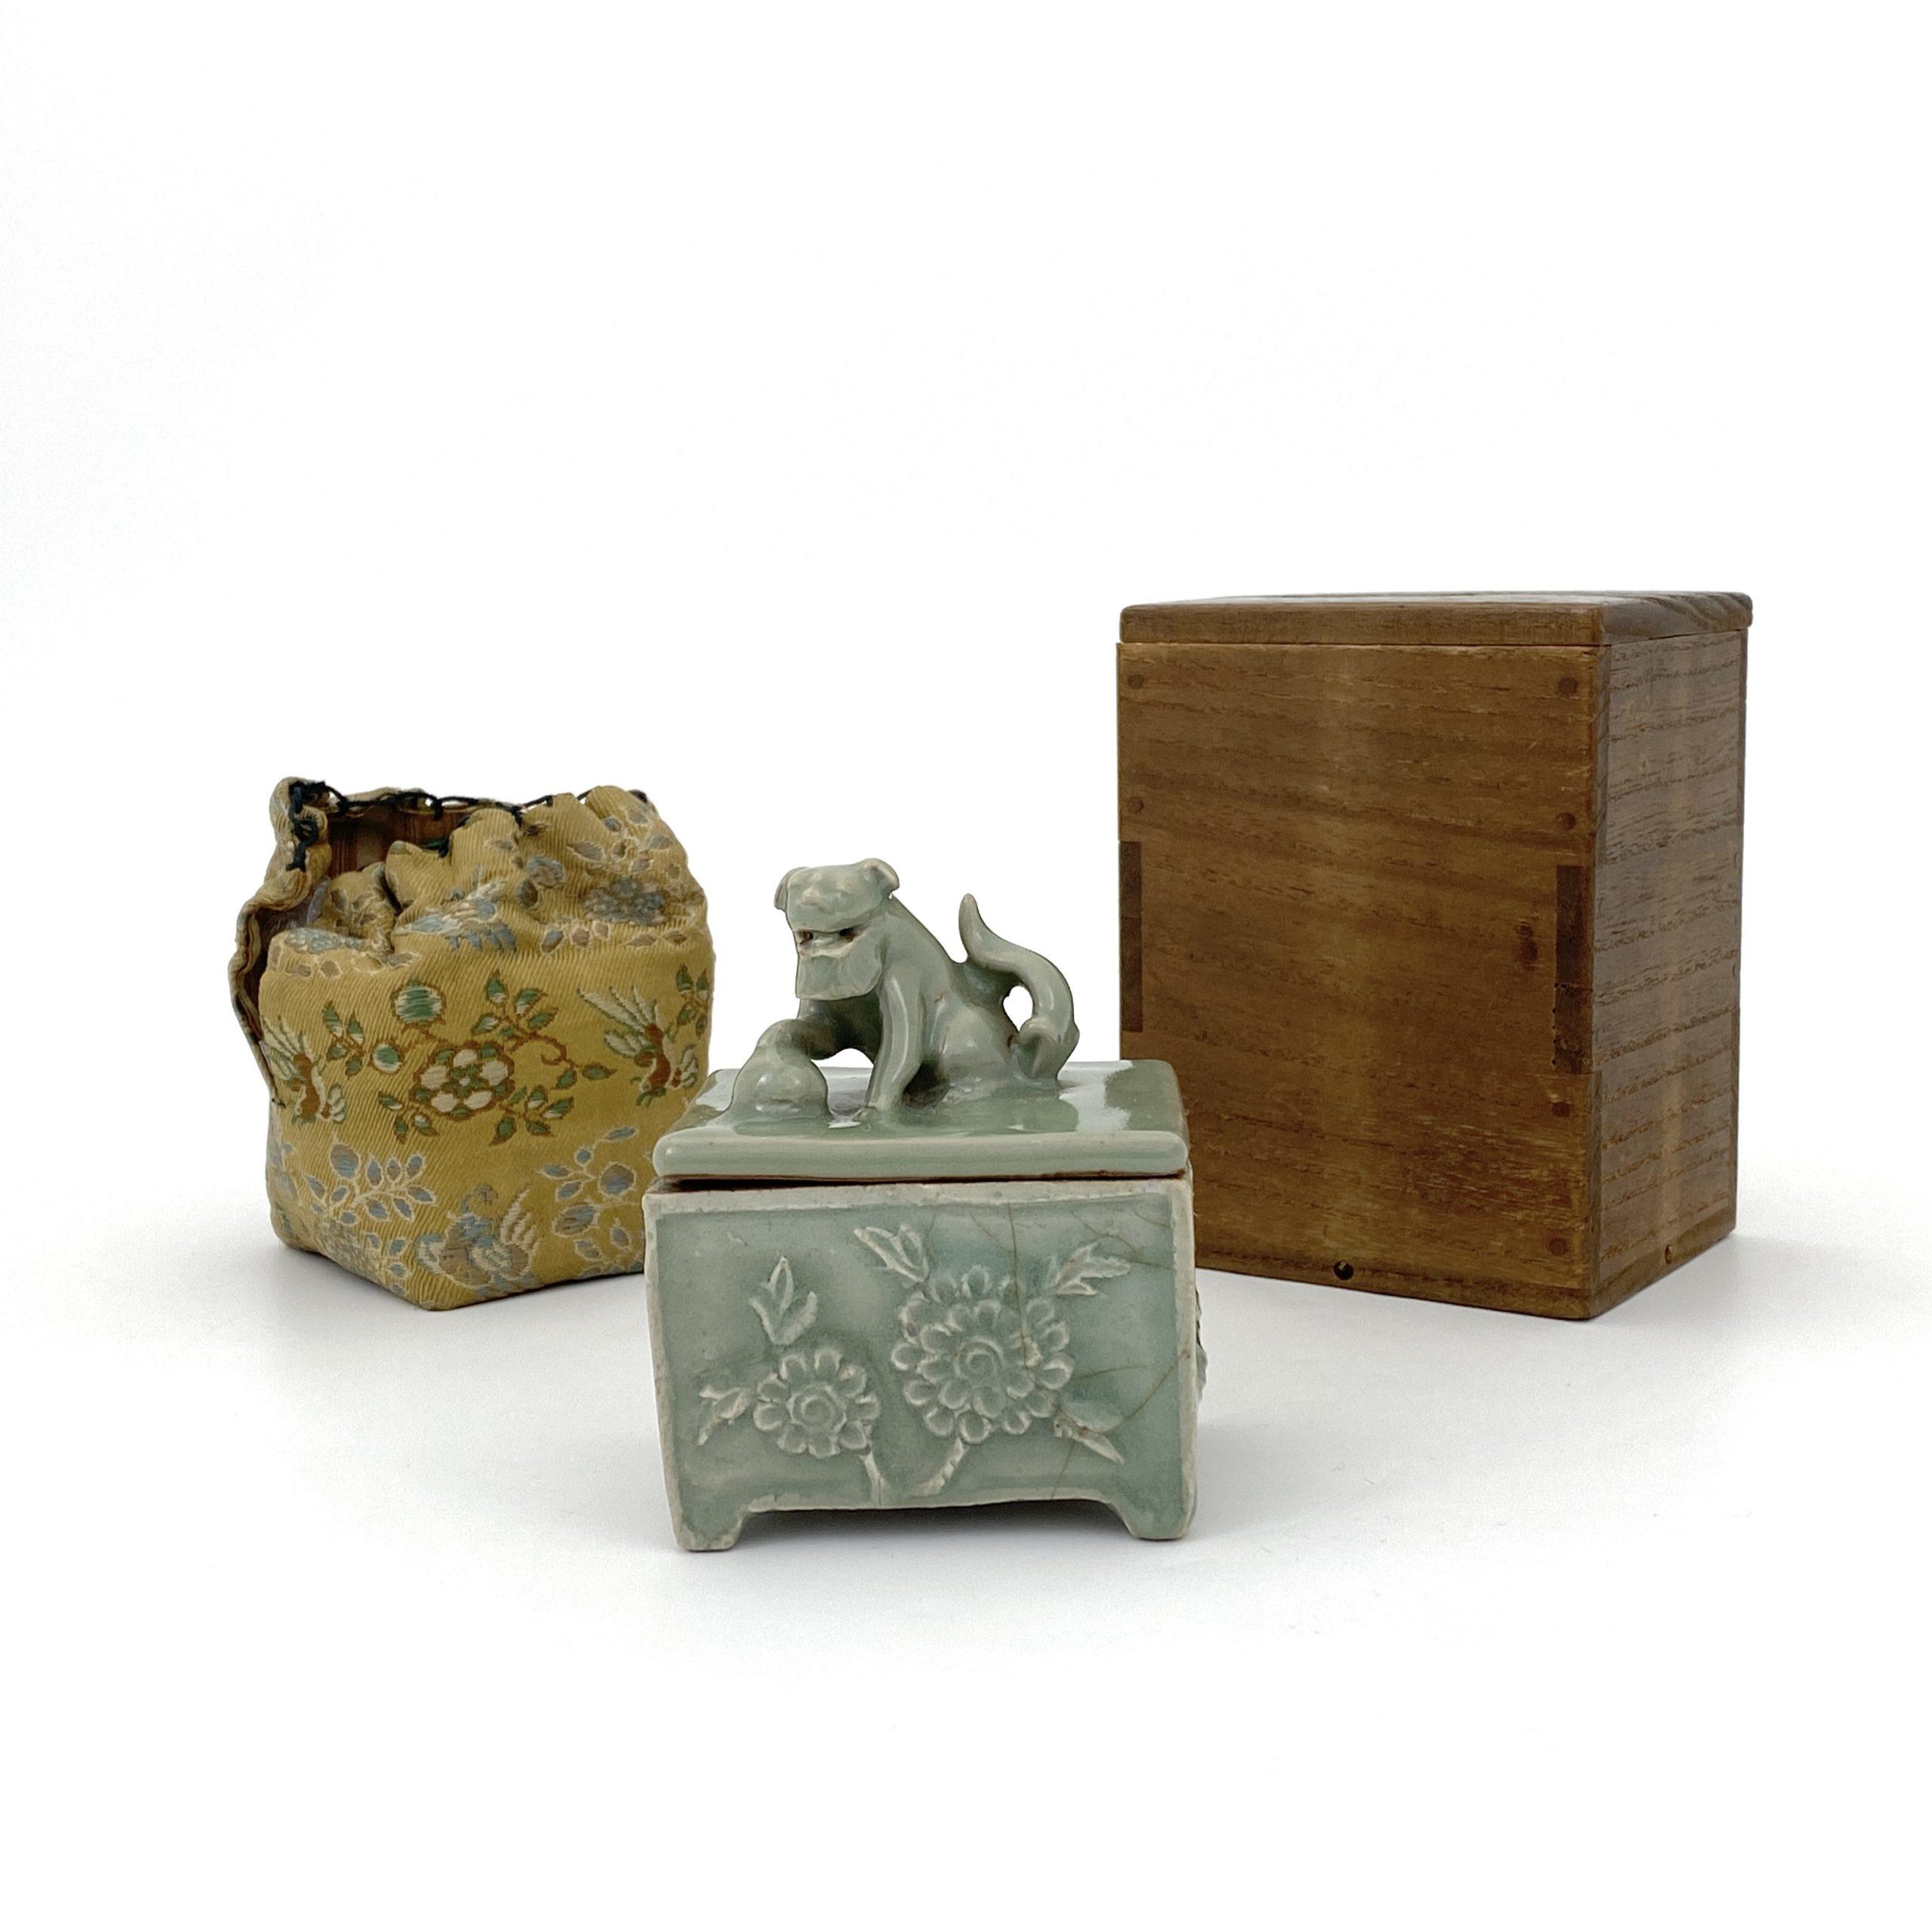 20047明 龍泉窯 獅鈕 花紋 蓋盒